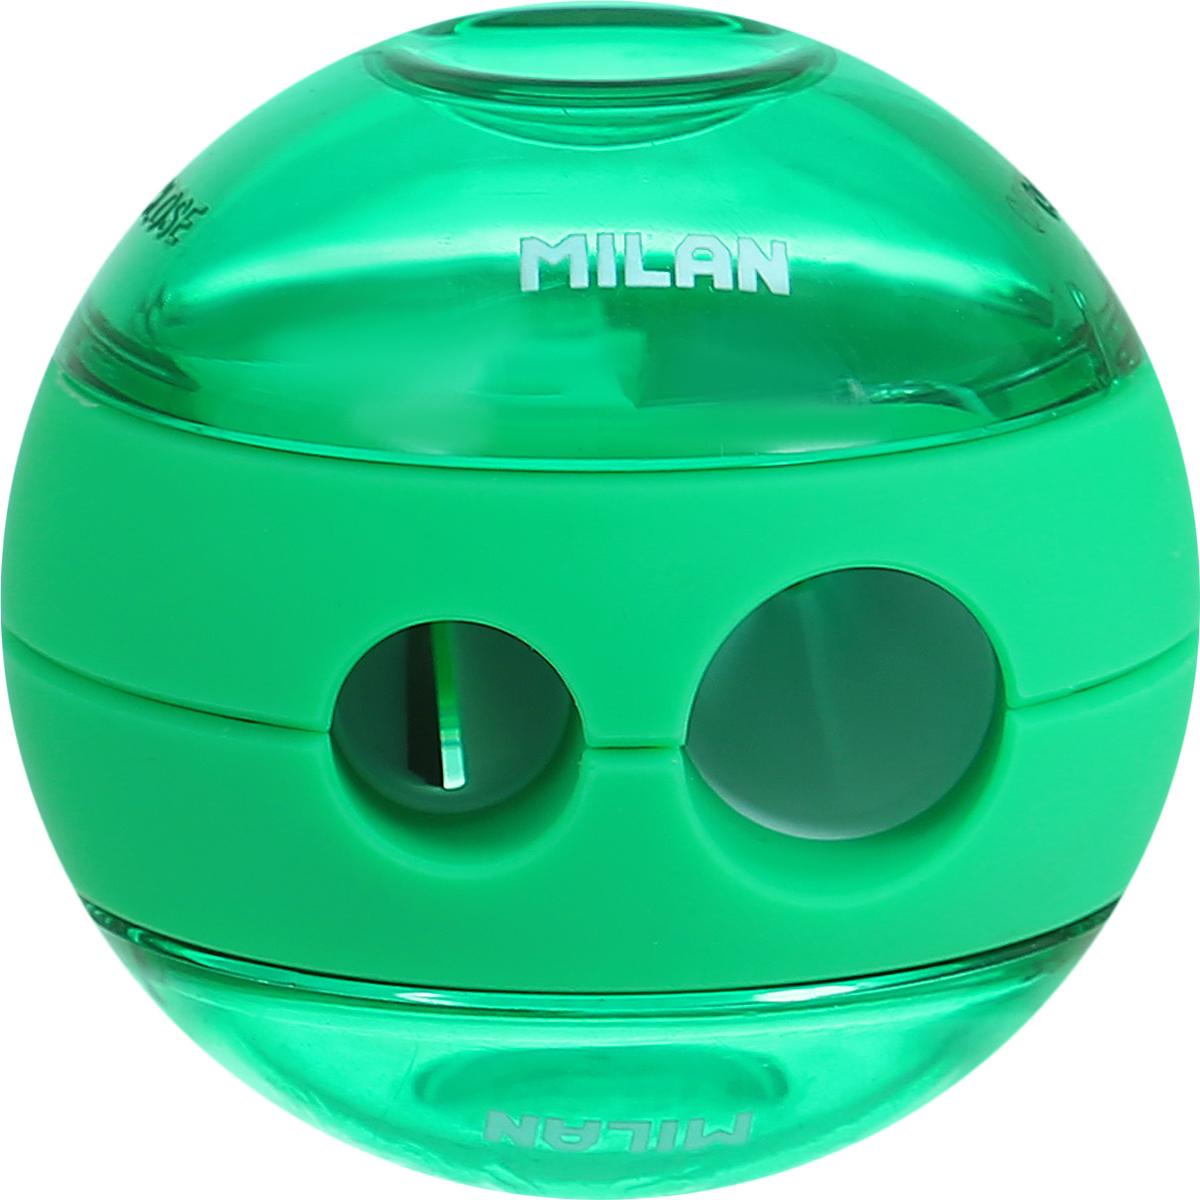 Milan Точилка Sphere с контейнером цвет зеленый20156212_зелёныйОригинальная модель точилки Milan Sphere с двумя отверстиями - для затачивания карандашей разных диаметров 11/8 мм. Эффектный дизайн и отличное качество материалов.